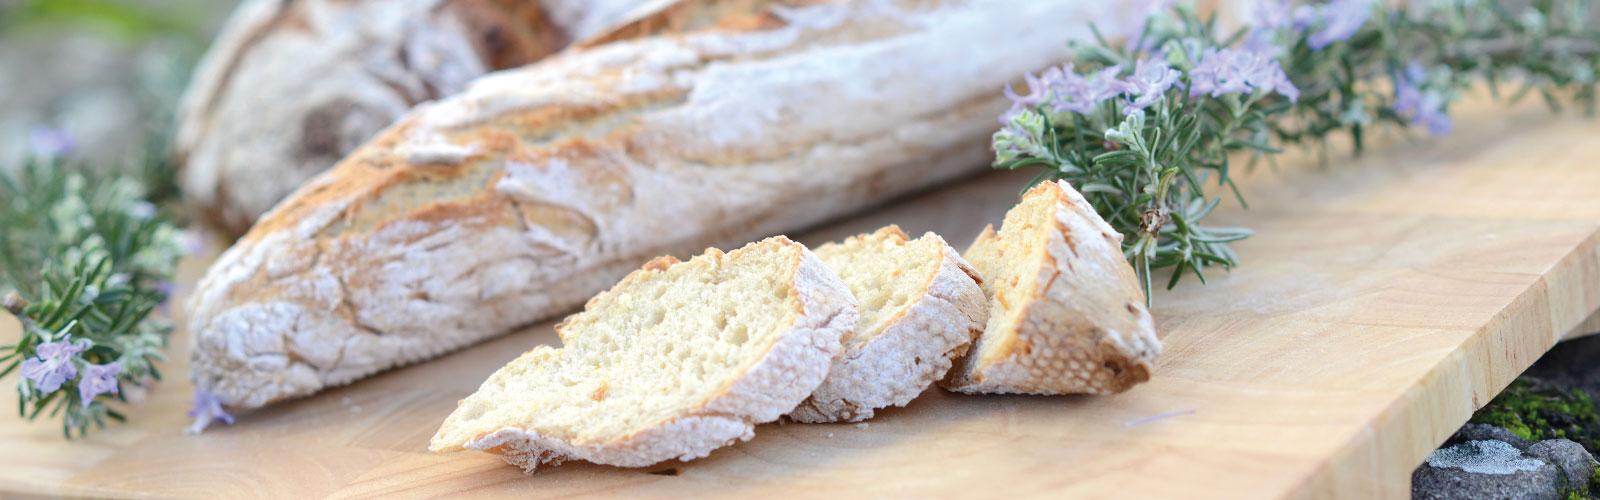 Hofladen Karpenhaus Ratingen Homberg, selbst gebackenes Brot